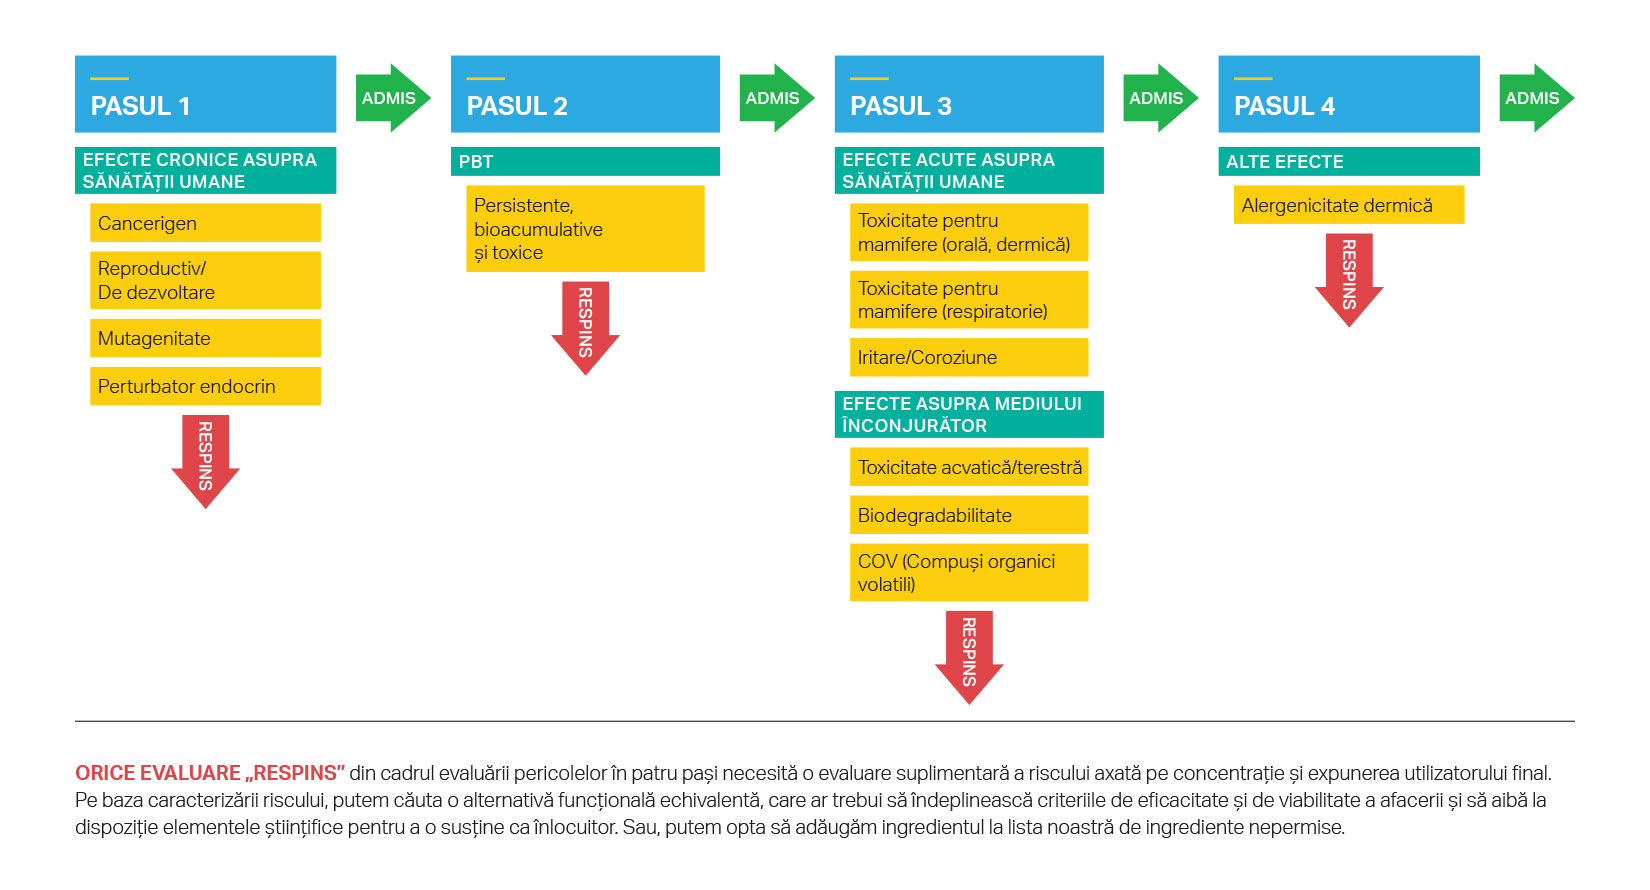 Evaluarea în patru etape utilizată de SC Johnson pentru determinarea gradului de pericol al ingredientelor